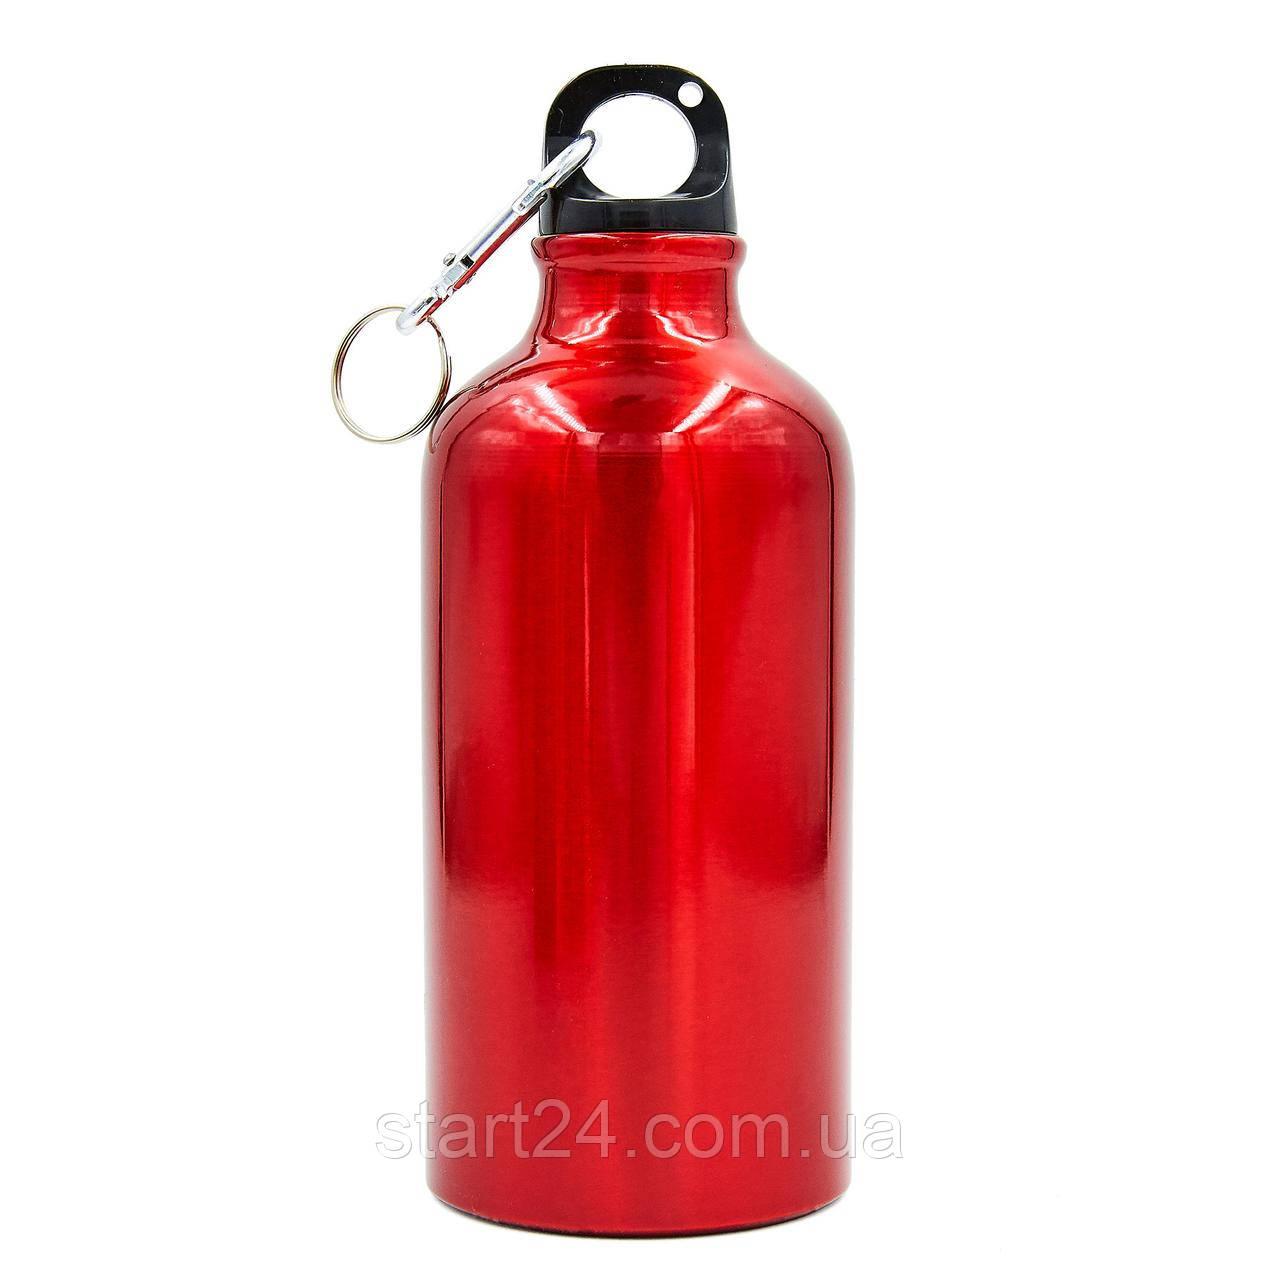 Бутылка для воды алюминиевая с карабином SP-Planeta 500 мл L-500 (цвета в ассортименте)